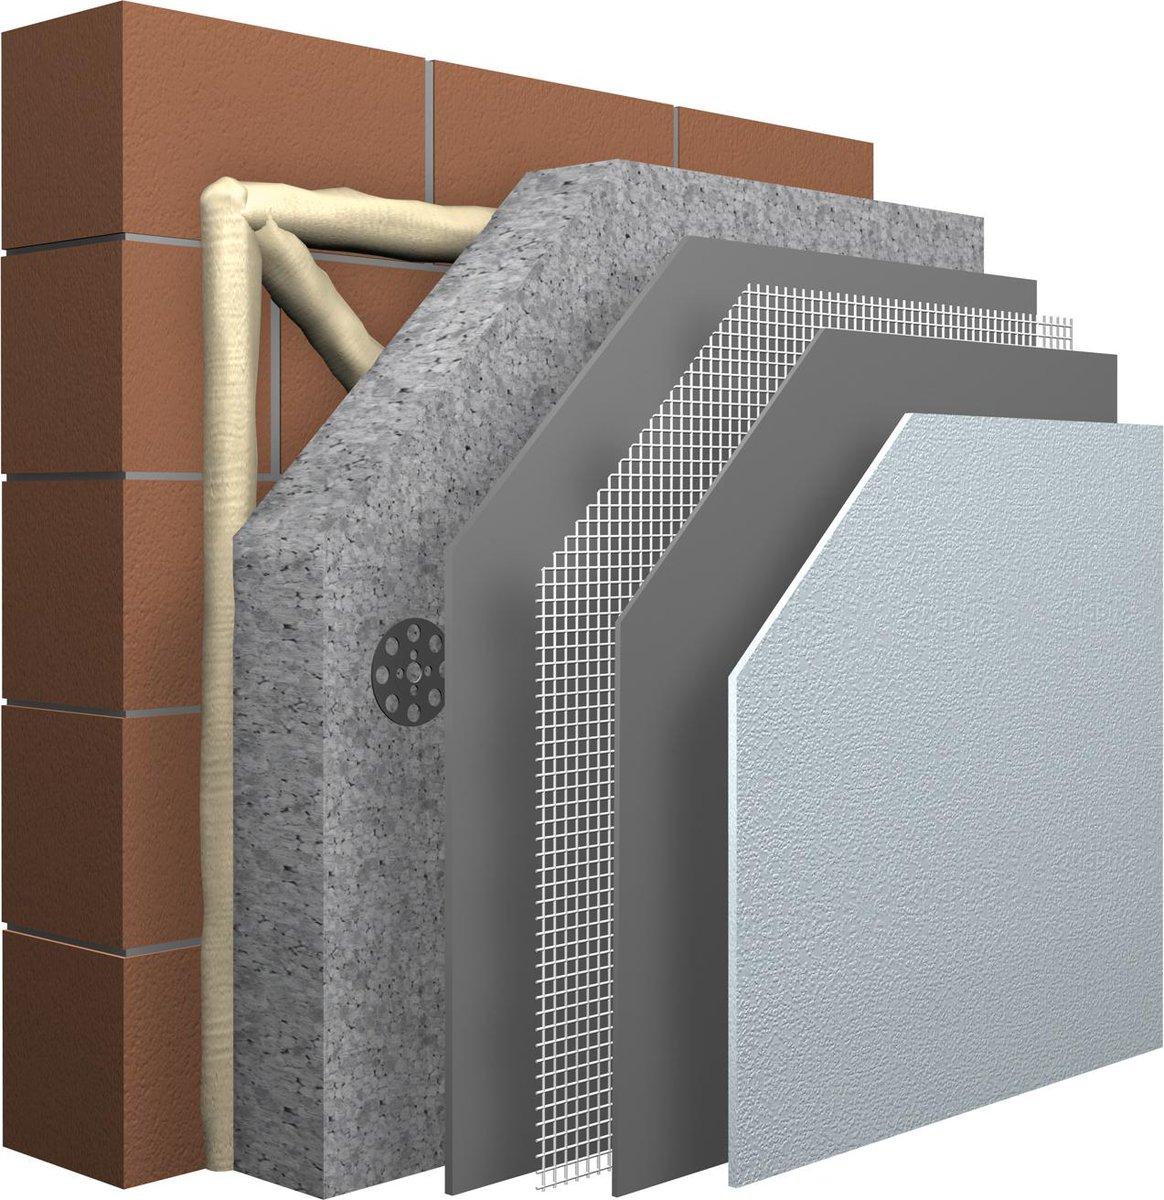 Как и чем лучше утеплять фасад дома — способы и материалы